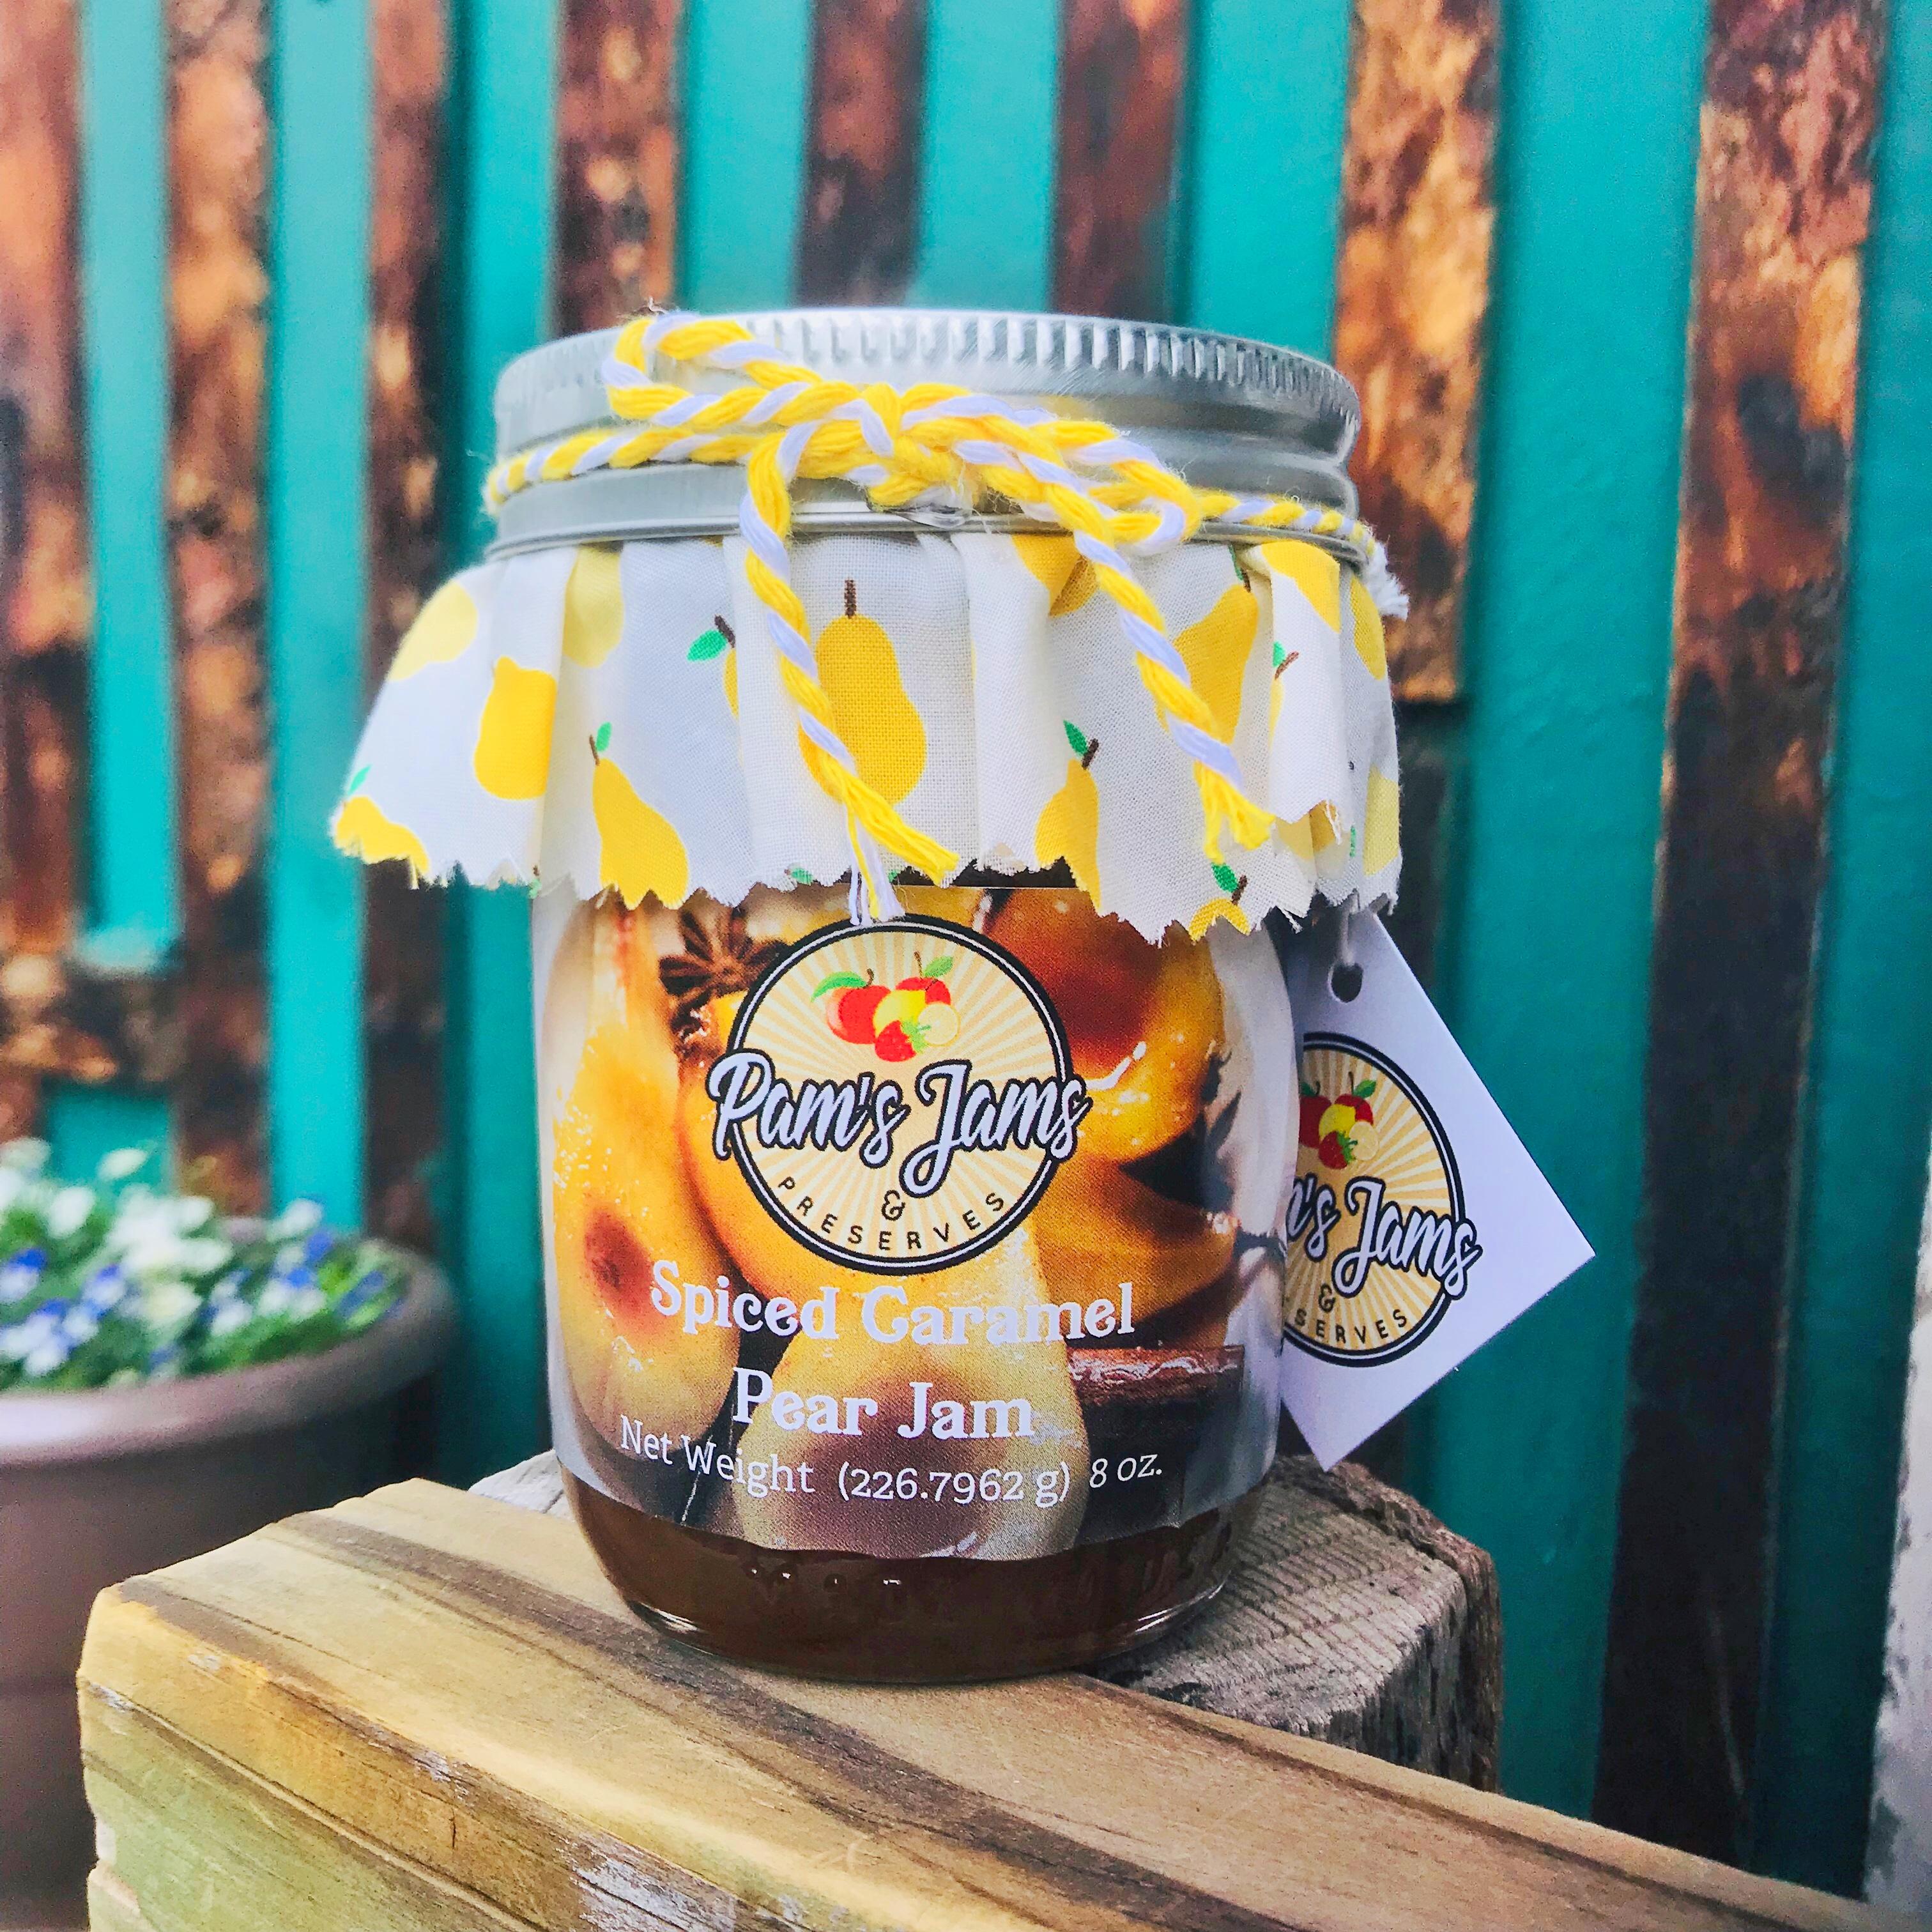 Pams-Jams-Spiced-Caramel-Pear